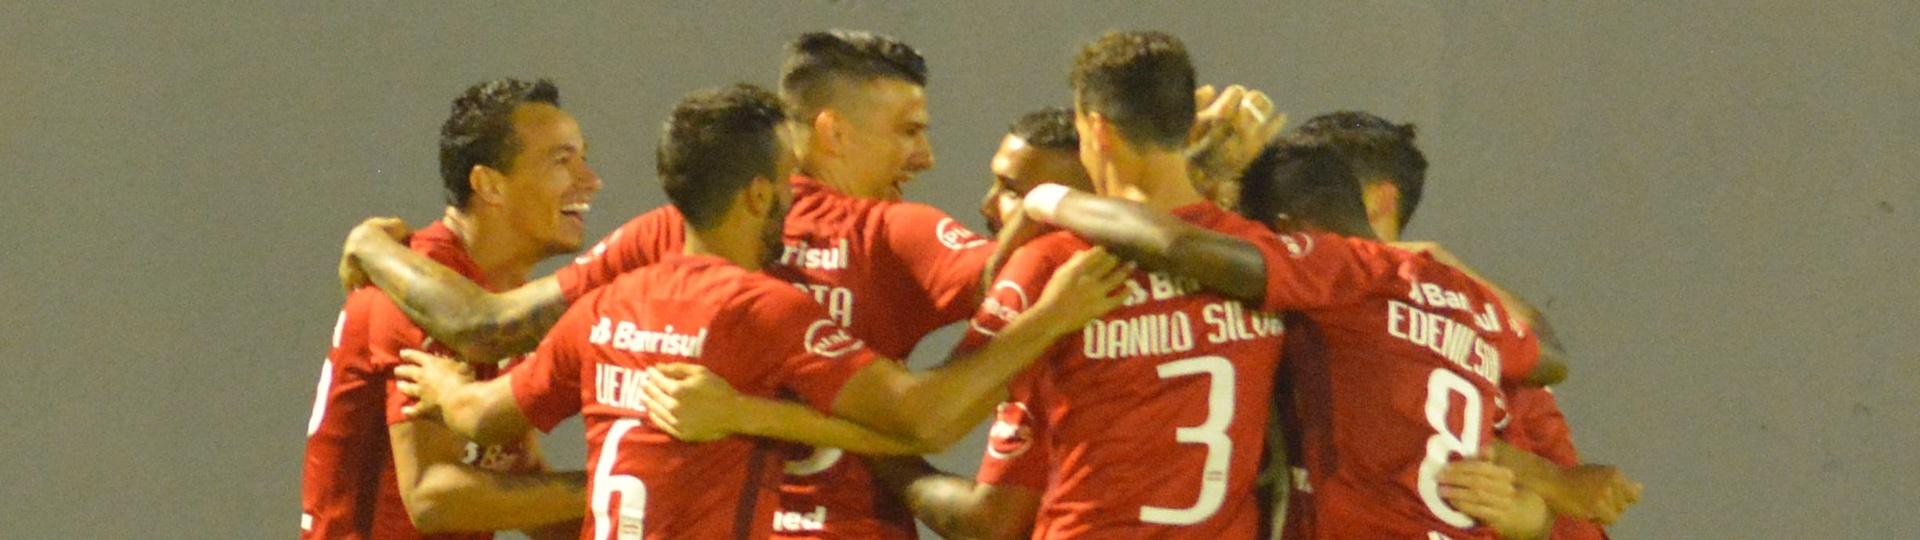 Leandro Damião abriu o placar para o Inter contra o Náutico